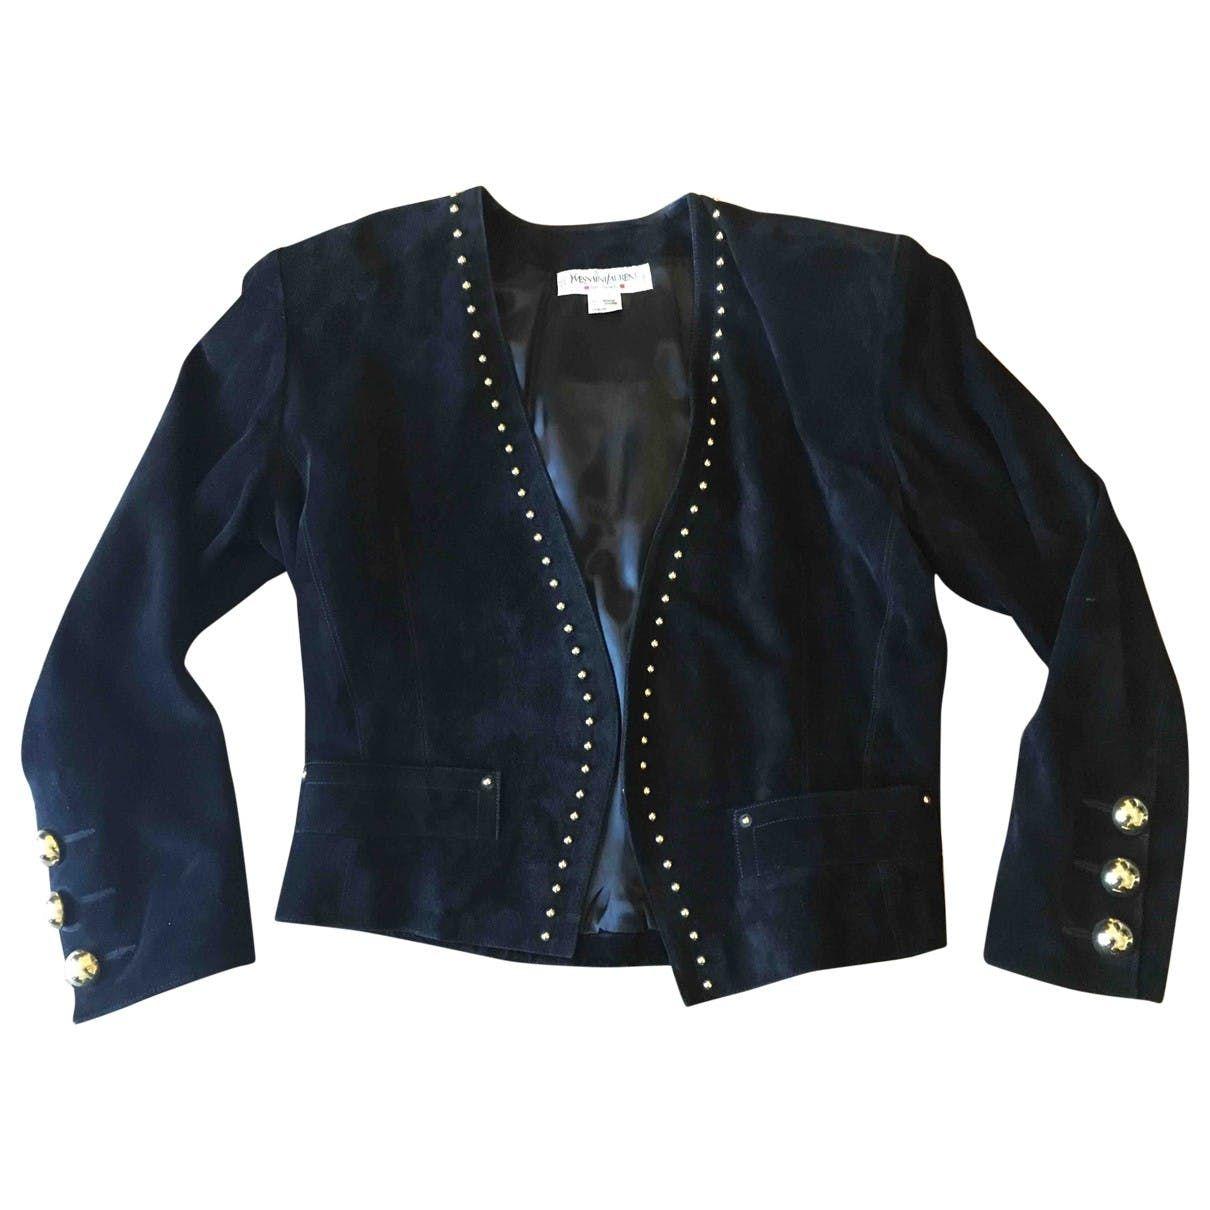 c4b9c45a991 Short vest Yves Saint Laurent Black size 40 FR in Suede - 3479830